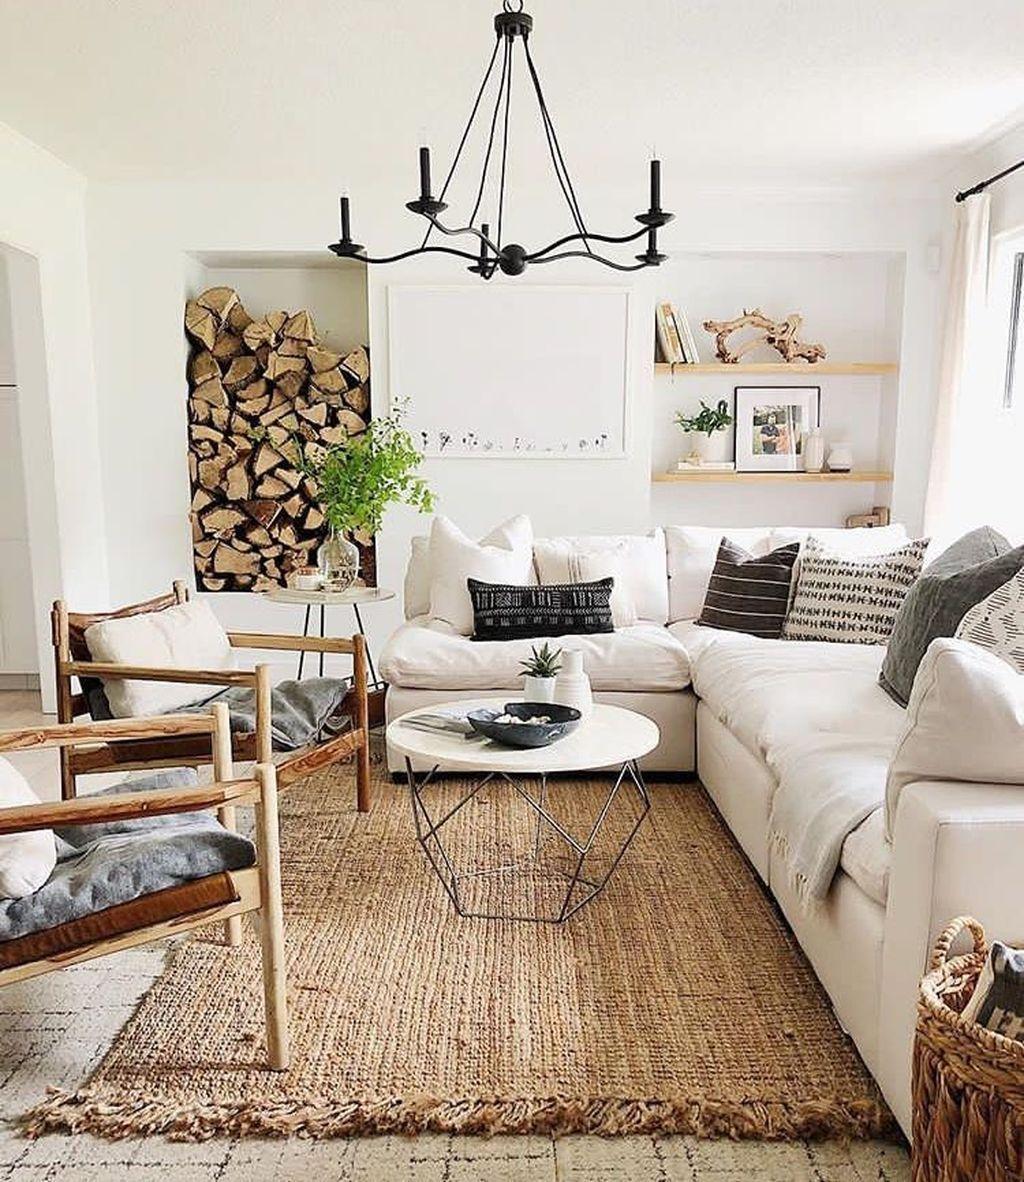 Amazing Contemporary Living Room Design Ideas You Should Copy 07